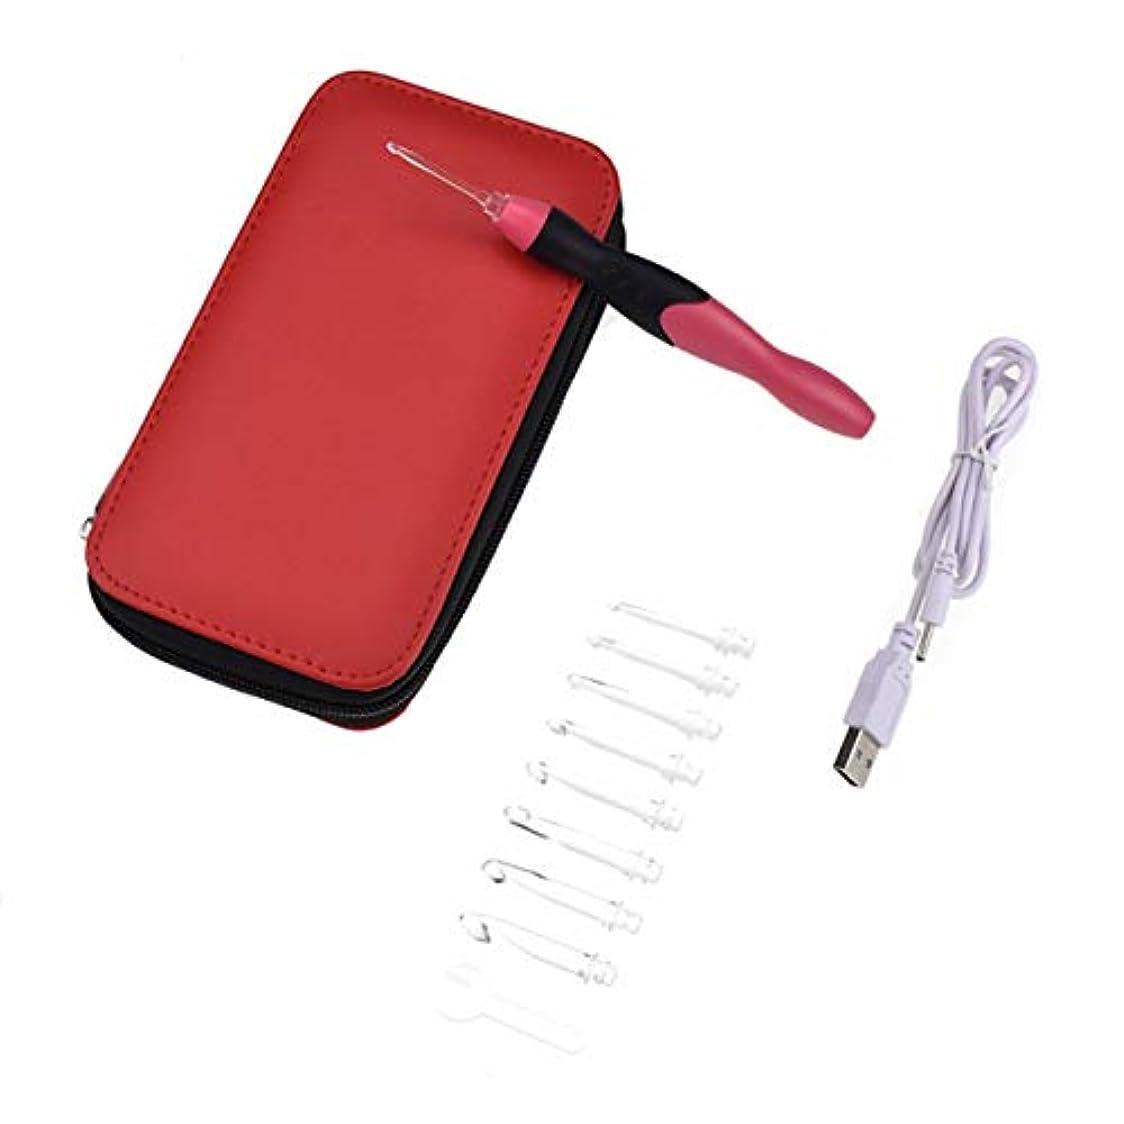 スタック年フラップSaikogoods USB充電式 ライトアップかぎ針編みのフックセット 収納袋付き9つの交換可能チップ LEDニッティング ソーイングクラフトツール 赤 黒